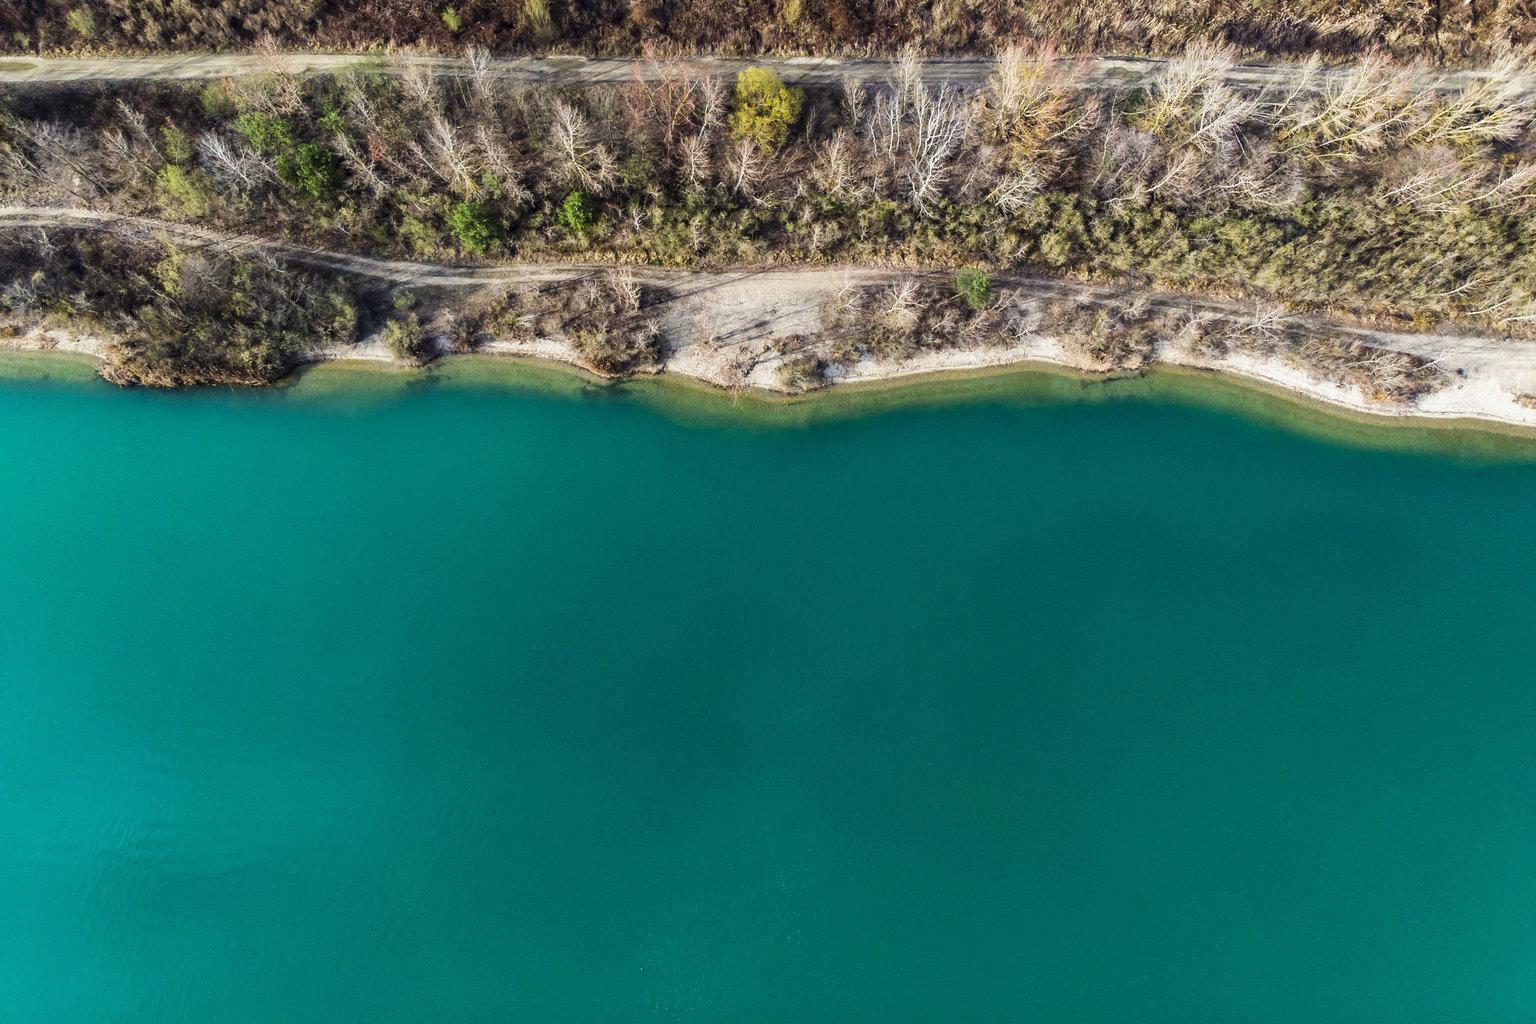 Gyékényes, 2019. március 19. A Somogy megyei gyékényesi bányató 2019. március 19-én. Az ENSZ március 22-ét nyilvánította a víz világnapjává, amelynek célja a környezet és ezen belül a Föld vízkészletének védelme. MTI/Varga György